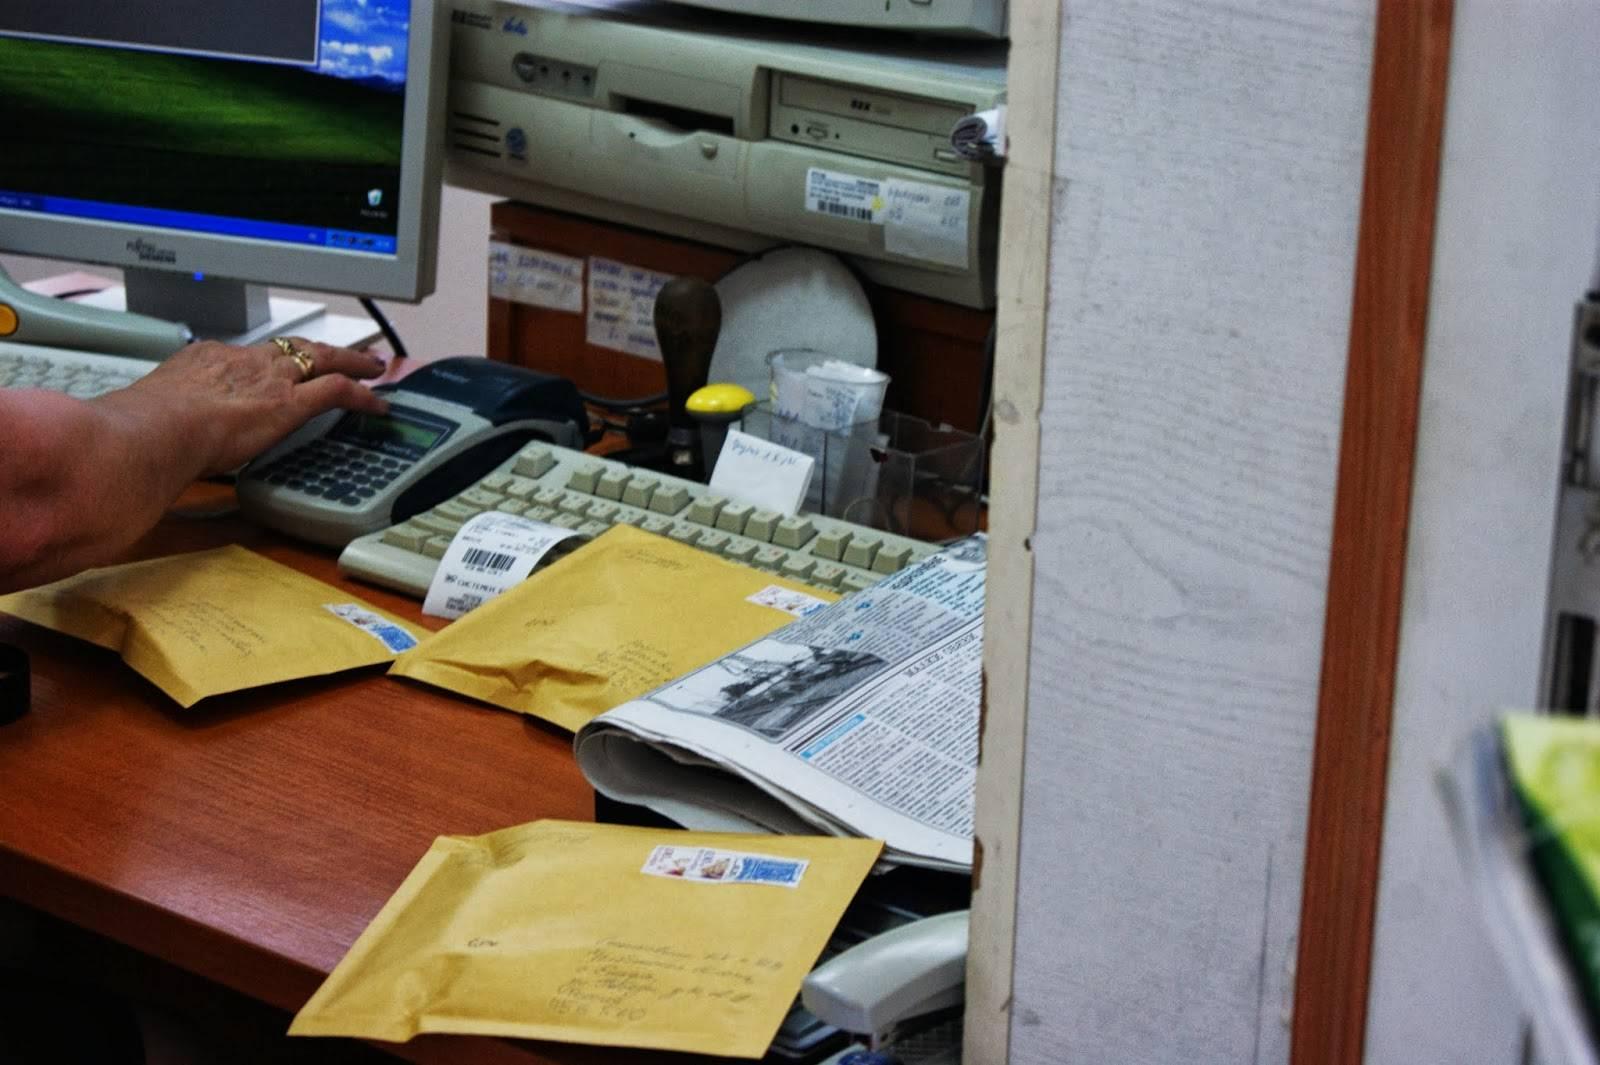 Как работает почта германии в 2021 году: тарифы, посылки, отслеживание